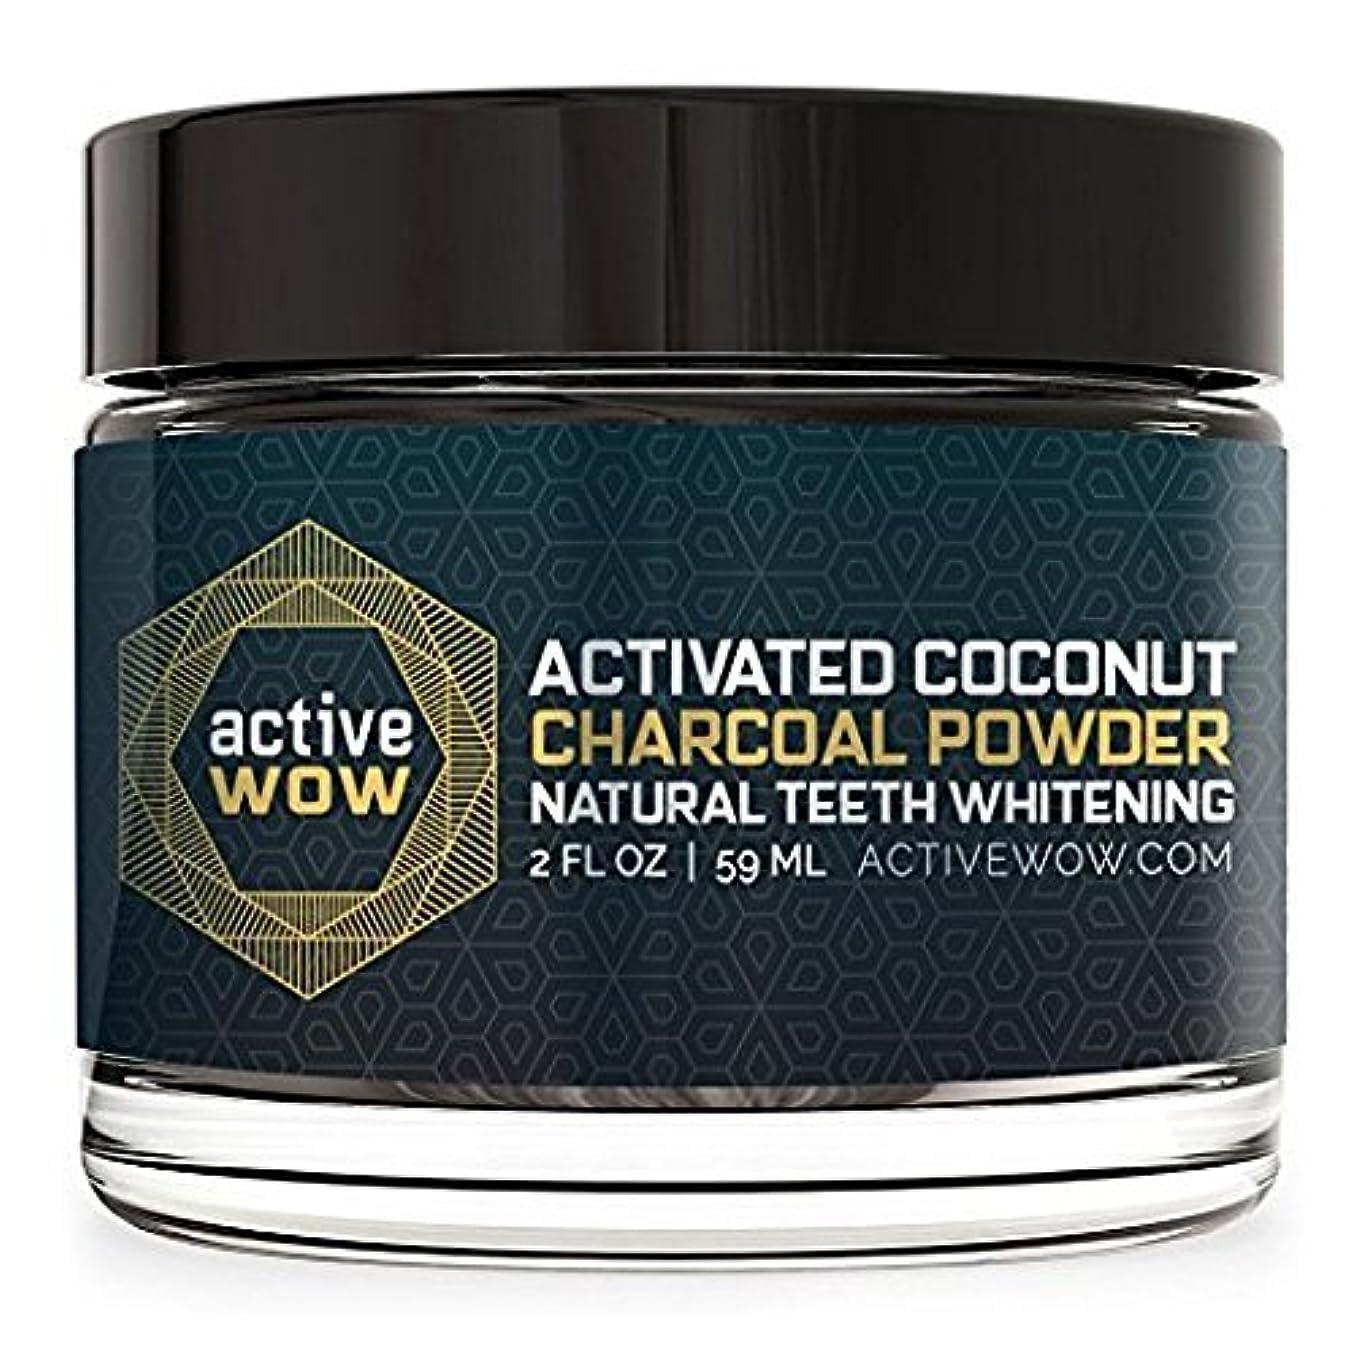 心配する時々所有権アメリカで売れている 炭パウダー歯のホワイトニング Teeth Whitening Charcoal Powder Natural [並行輸入品]